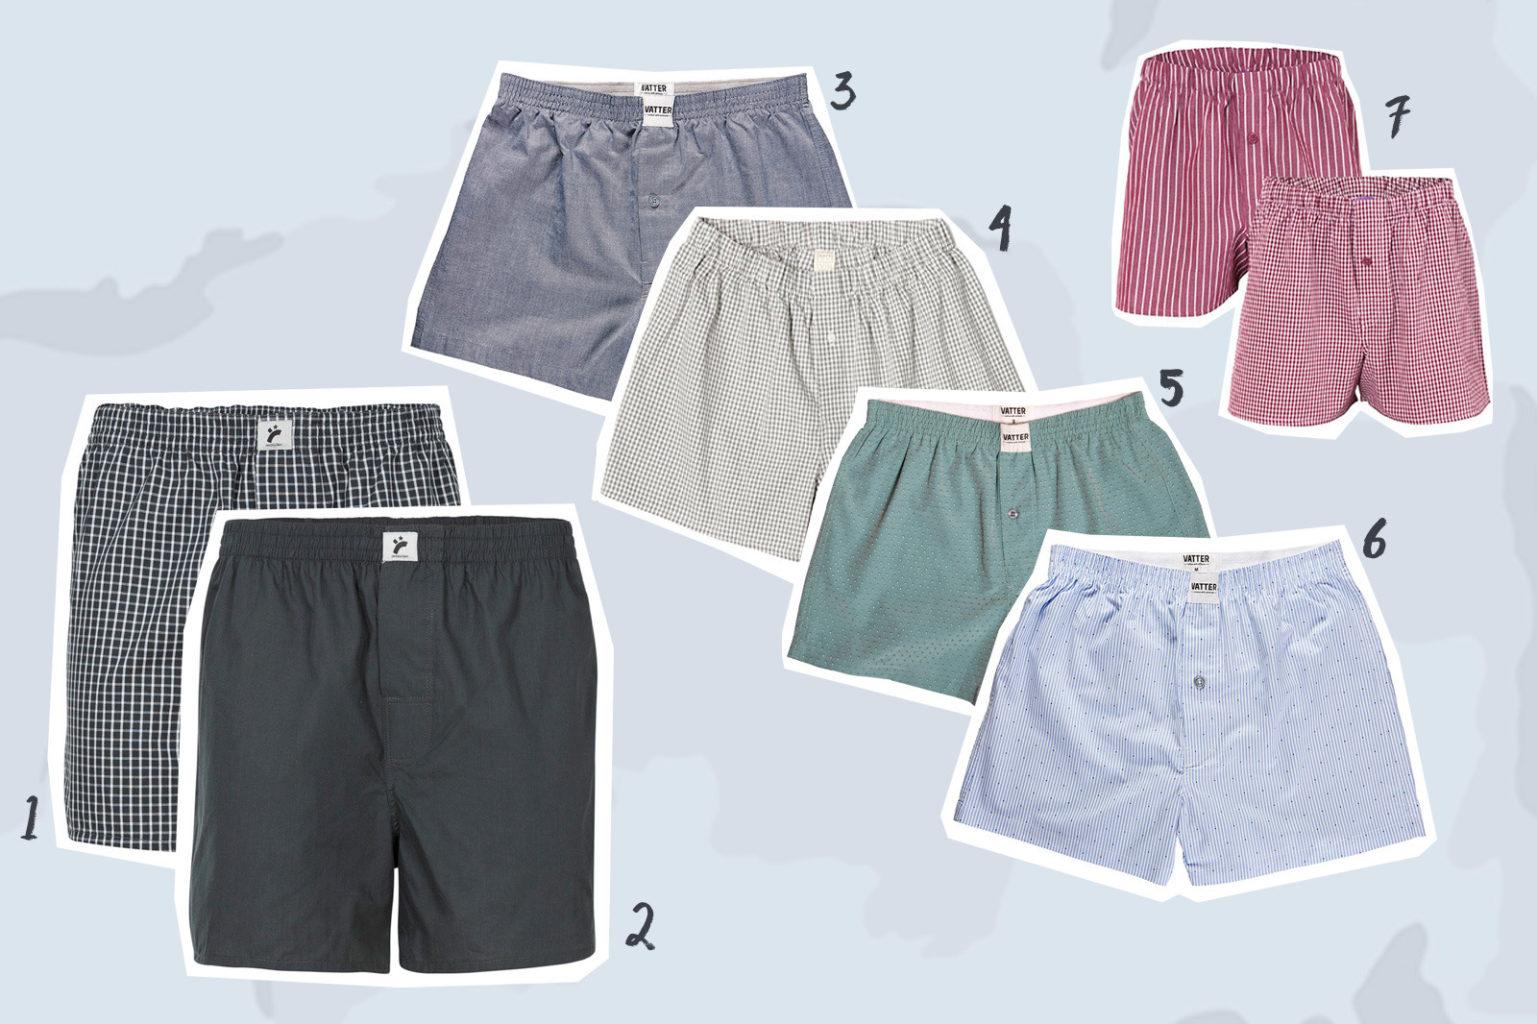 fair underwear fair-underwear-sloris-eco-underwear-faire-unterwaesche-maenner-men-boxershorts-briefs-slips-03